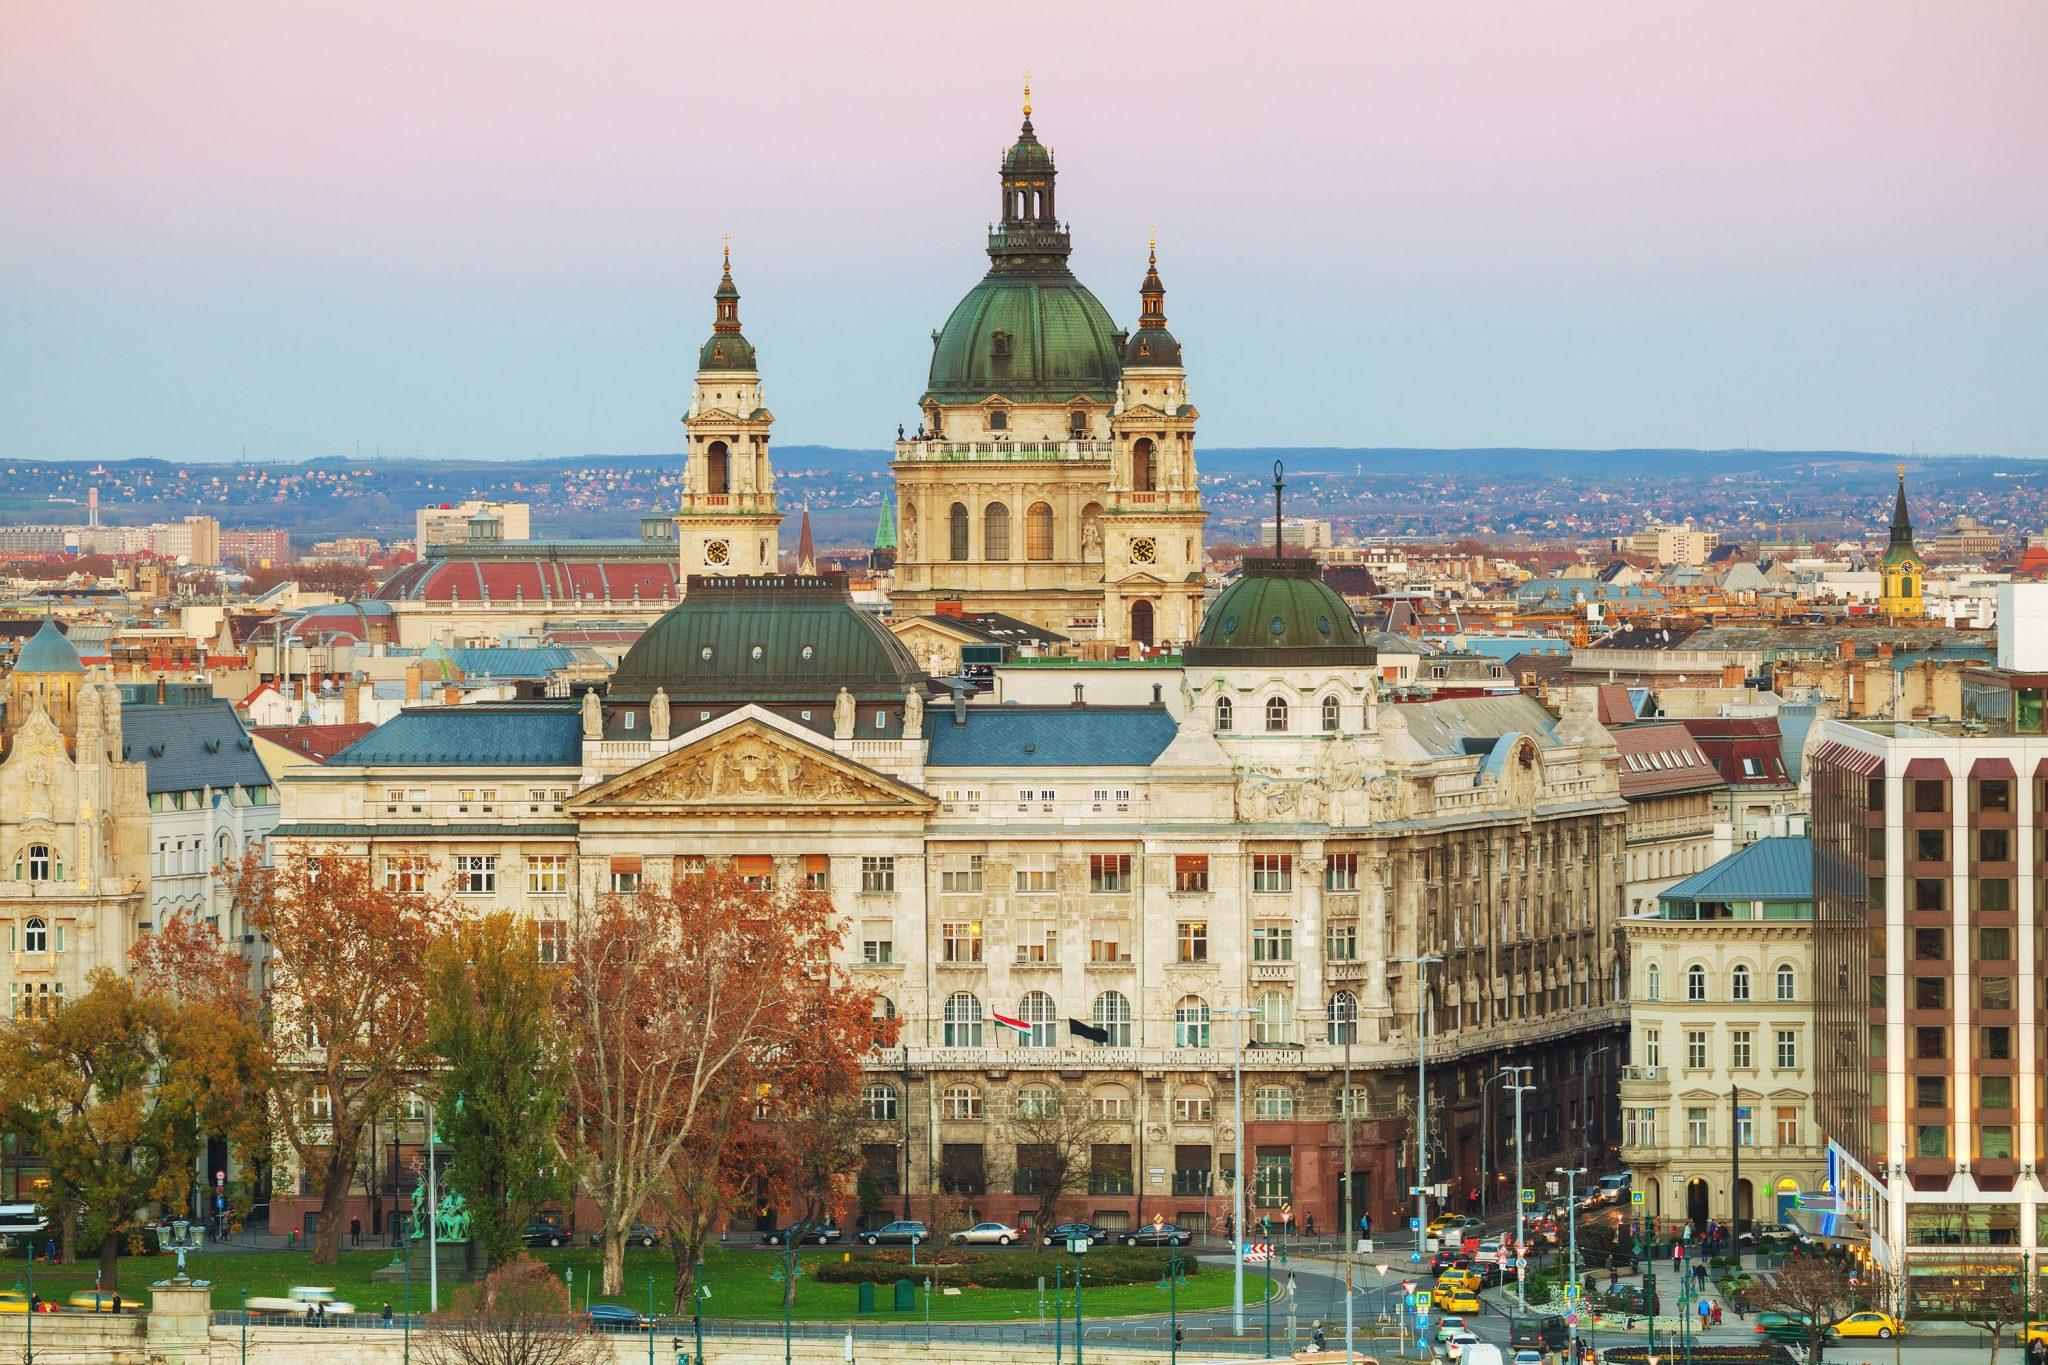 Βουδαπέστη - Τα Σημαντικότερα Αξιοθέατα & Σημεία Ενδιαφέροντος